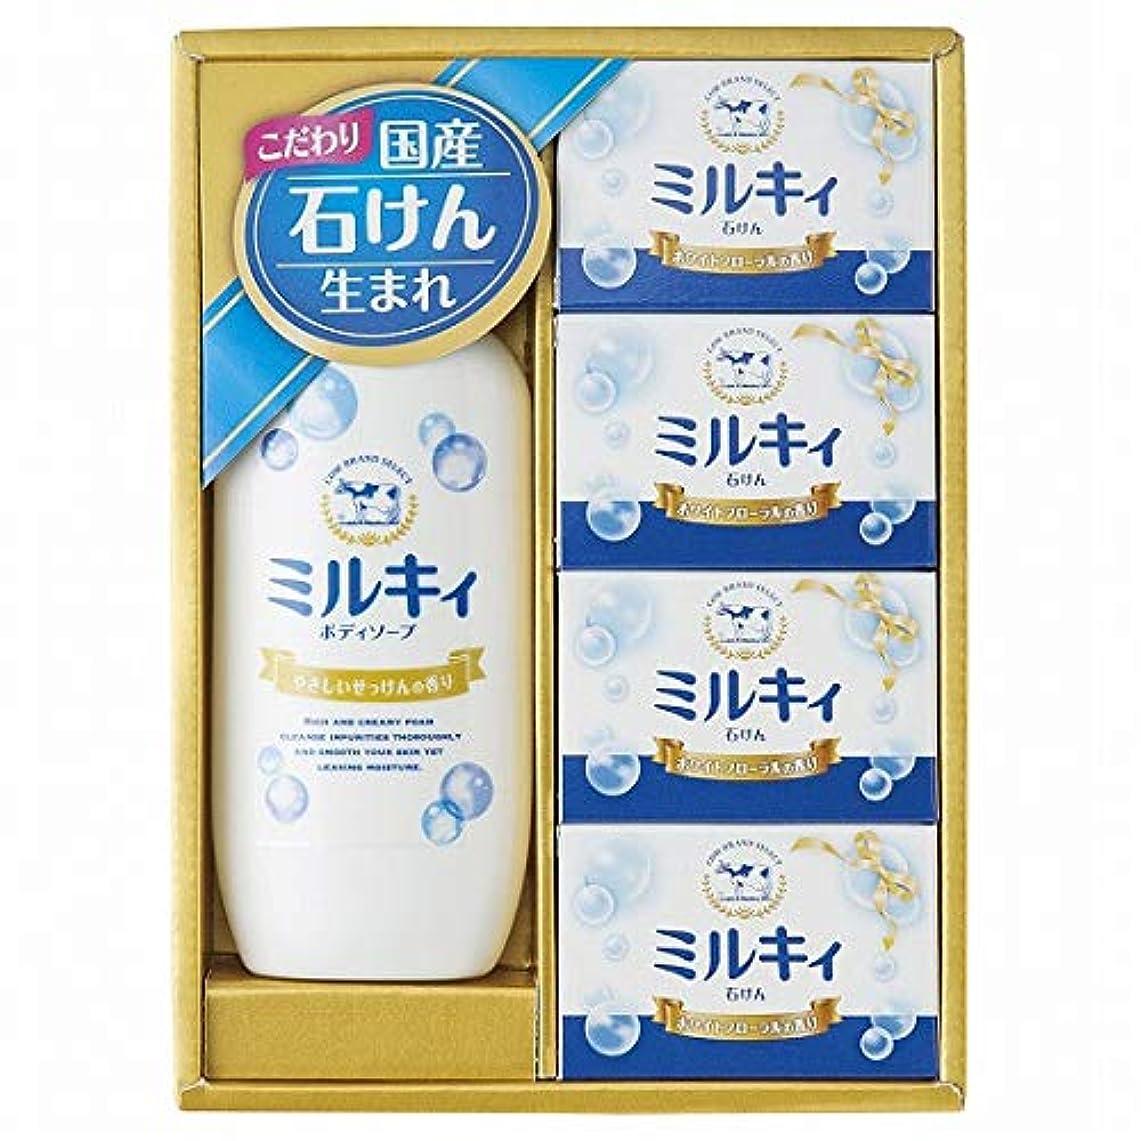 職人防衛外部牛乳石鹸 カウブランドセレクトギフトセット